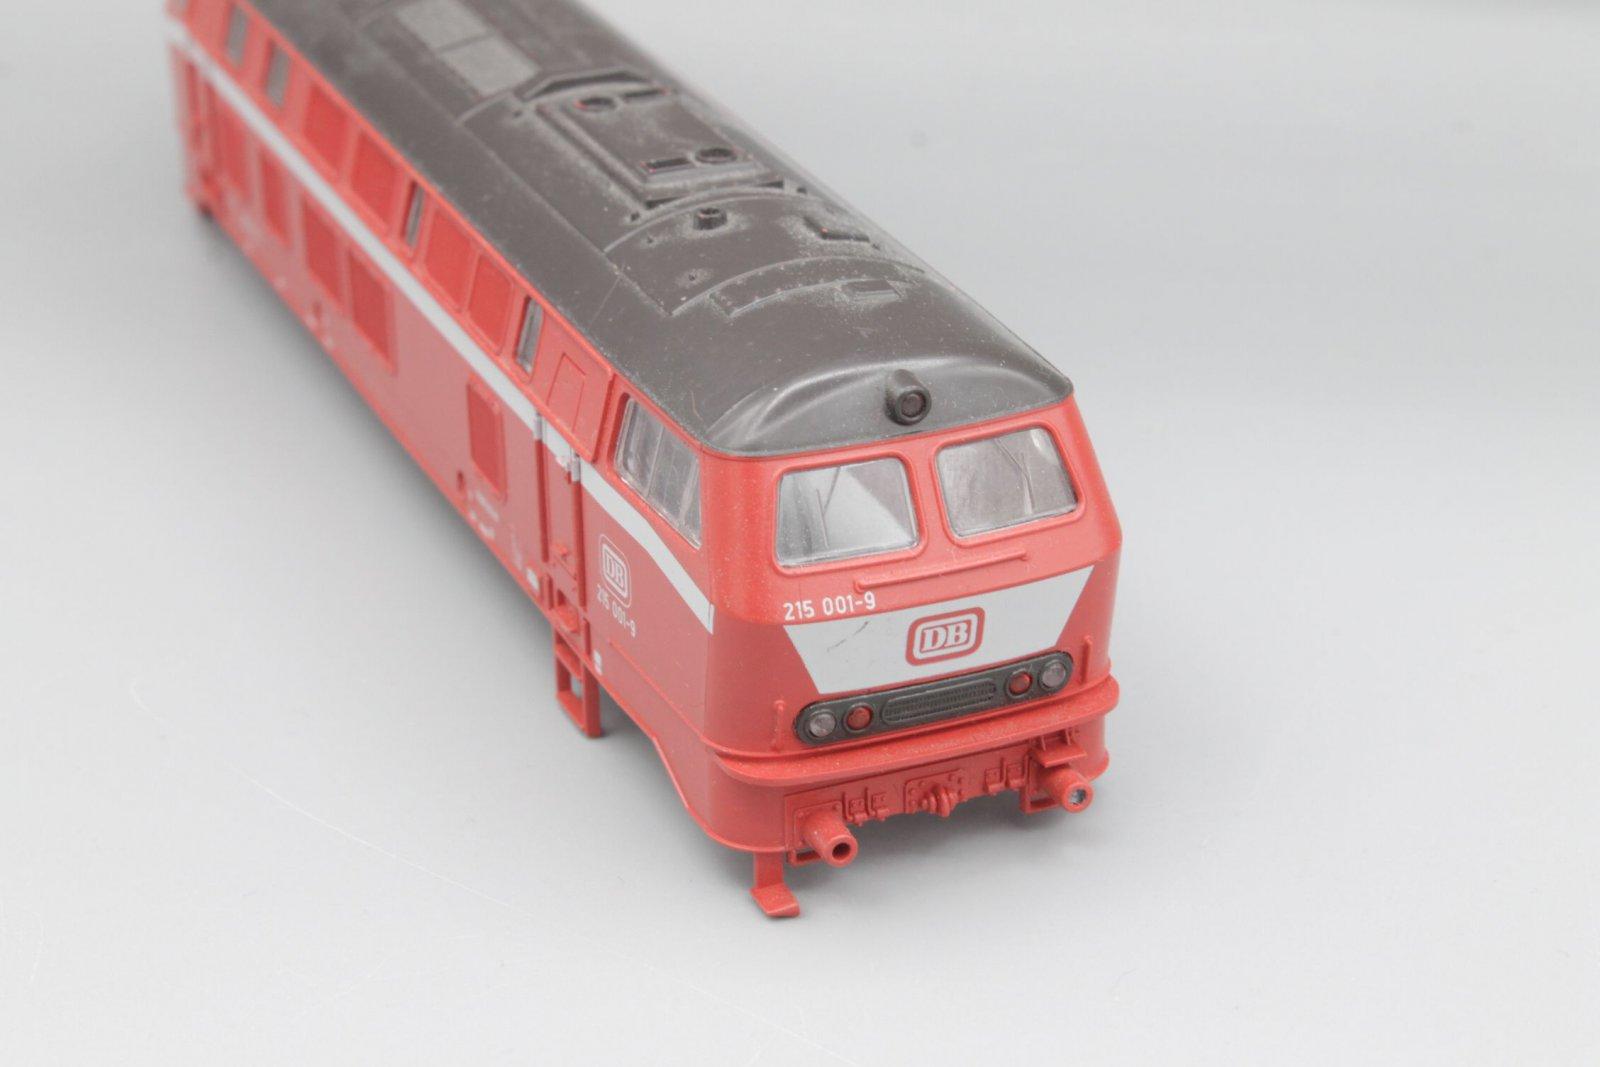 Ersatzteil Roco Gehäuse 215 001-9 orientrot mit LATZ DB - braunes Dach (1)